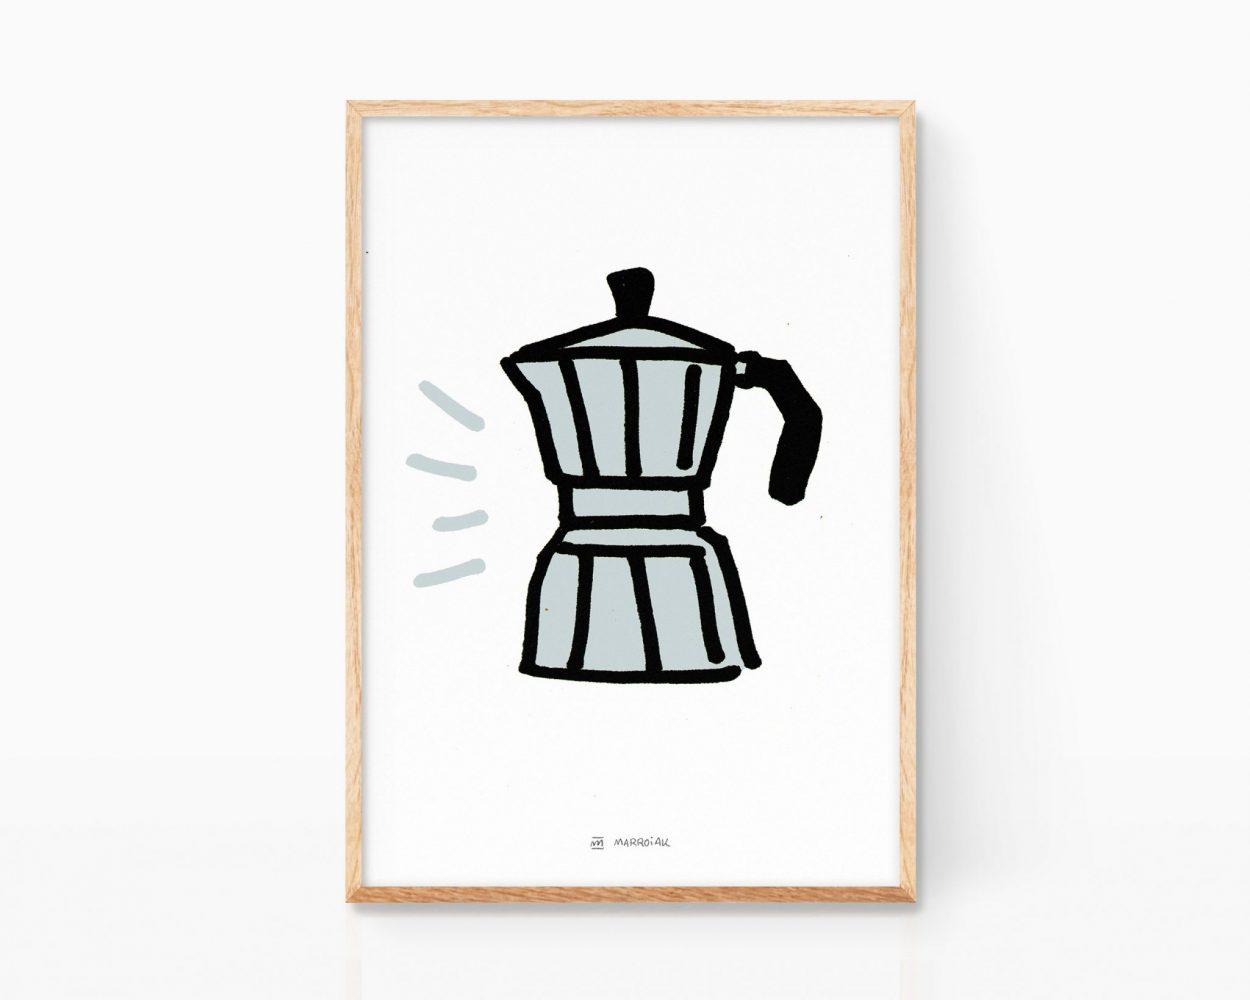 Lámina con una ilustración de una cafetera italiana vintage minimalista. Dibujo simple y divertido. Decoración para cocinas